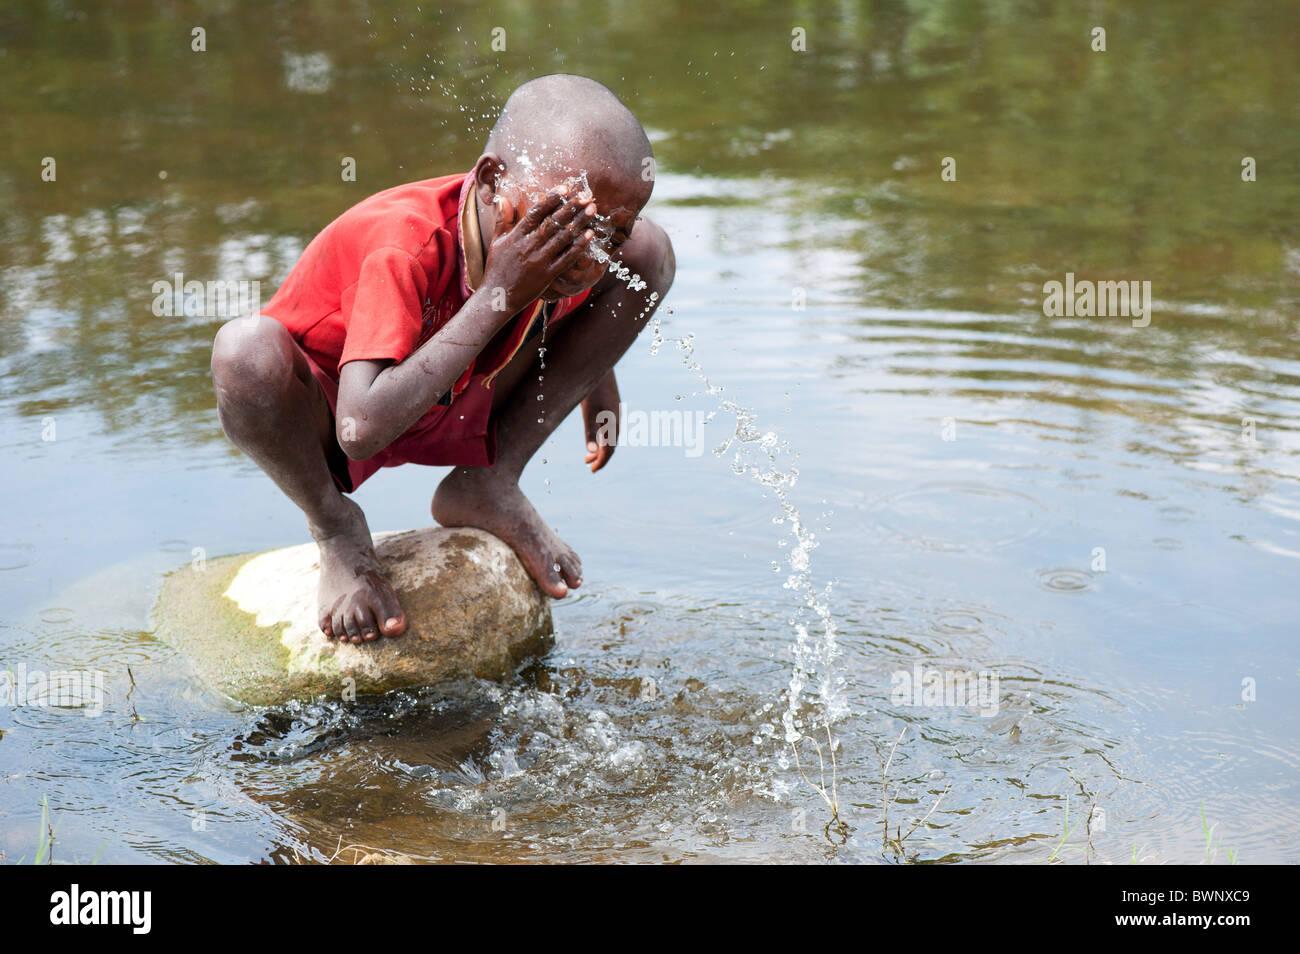 Indische street Boy waschen sich und Trinkwasser in einem Fluss in der indischen Landschaft. Andhra Pradesh, Indien Stockbild